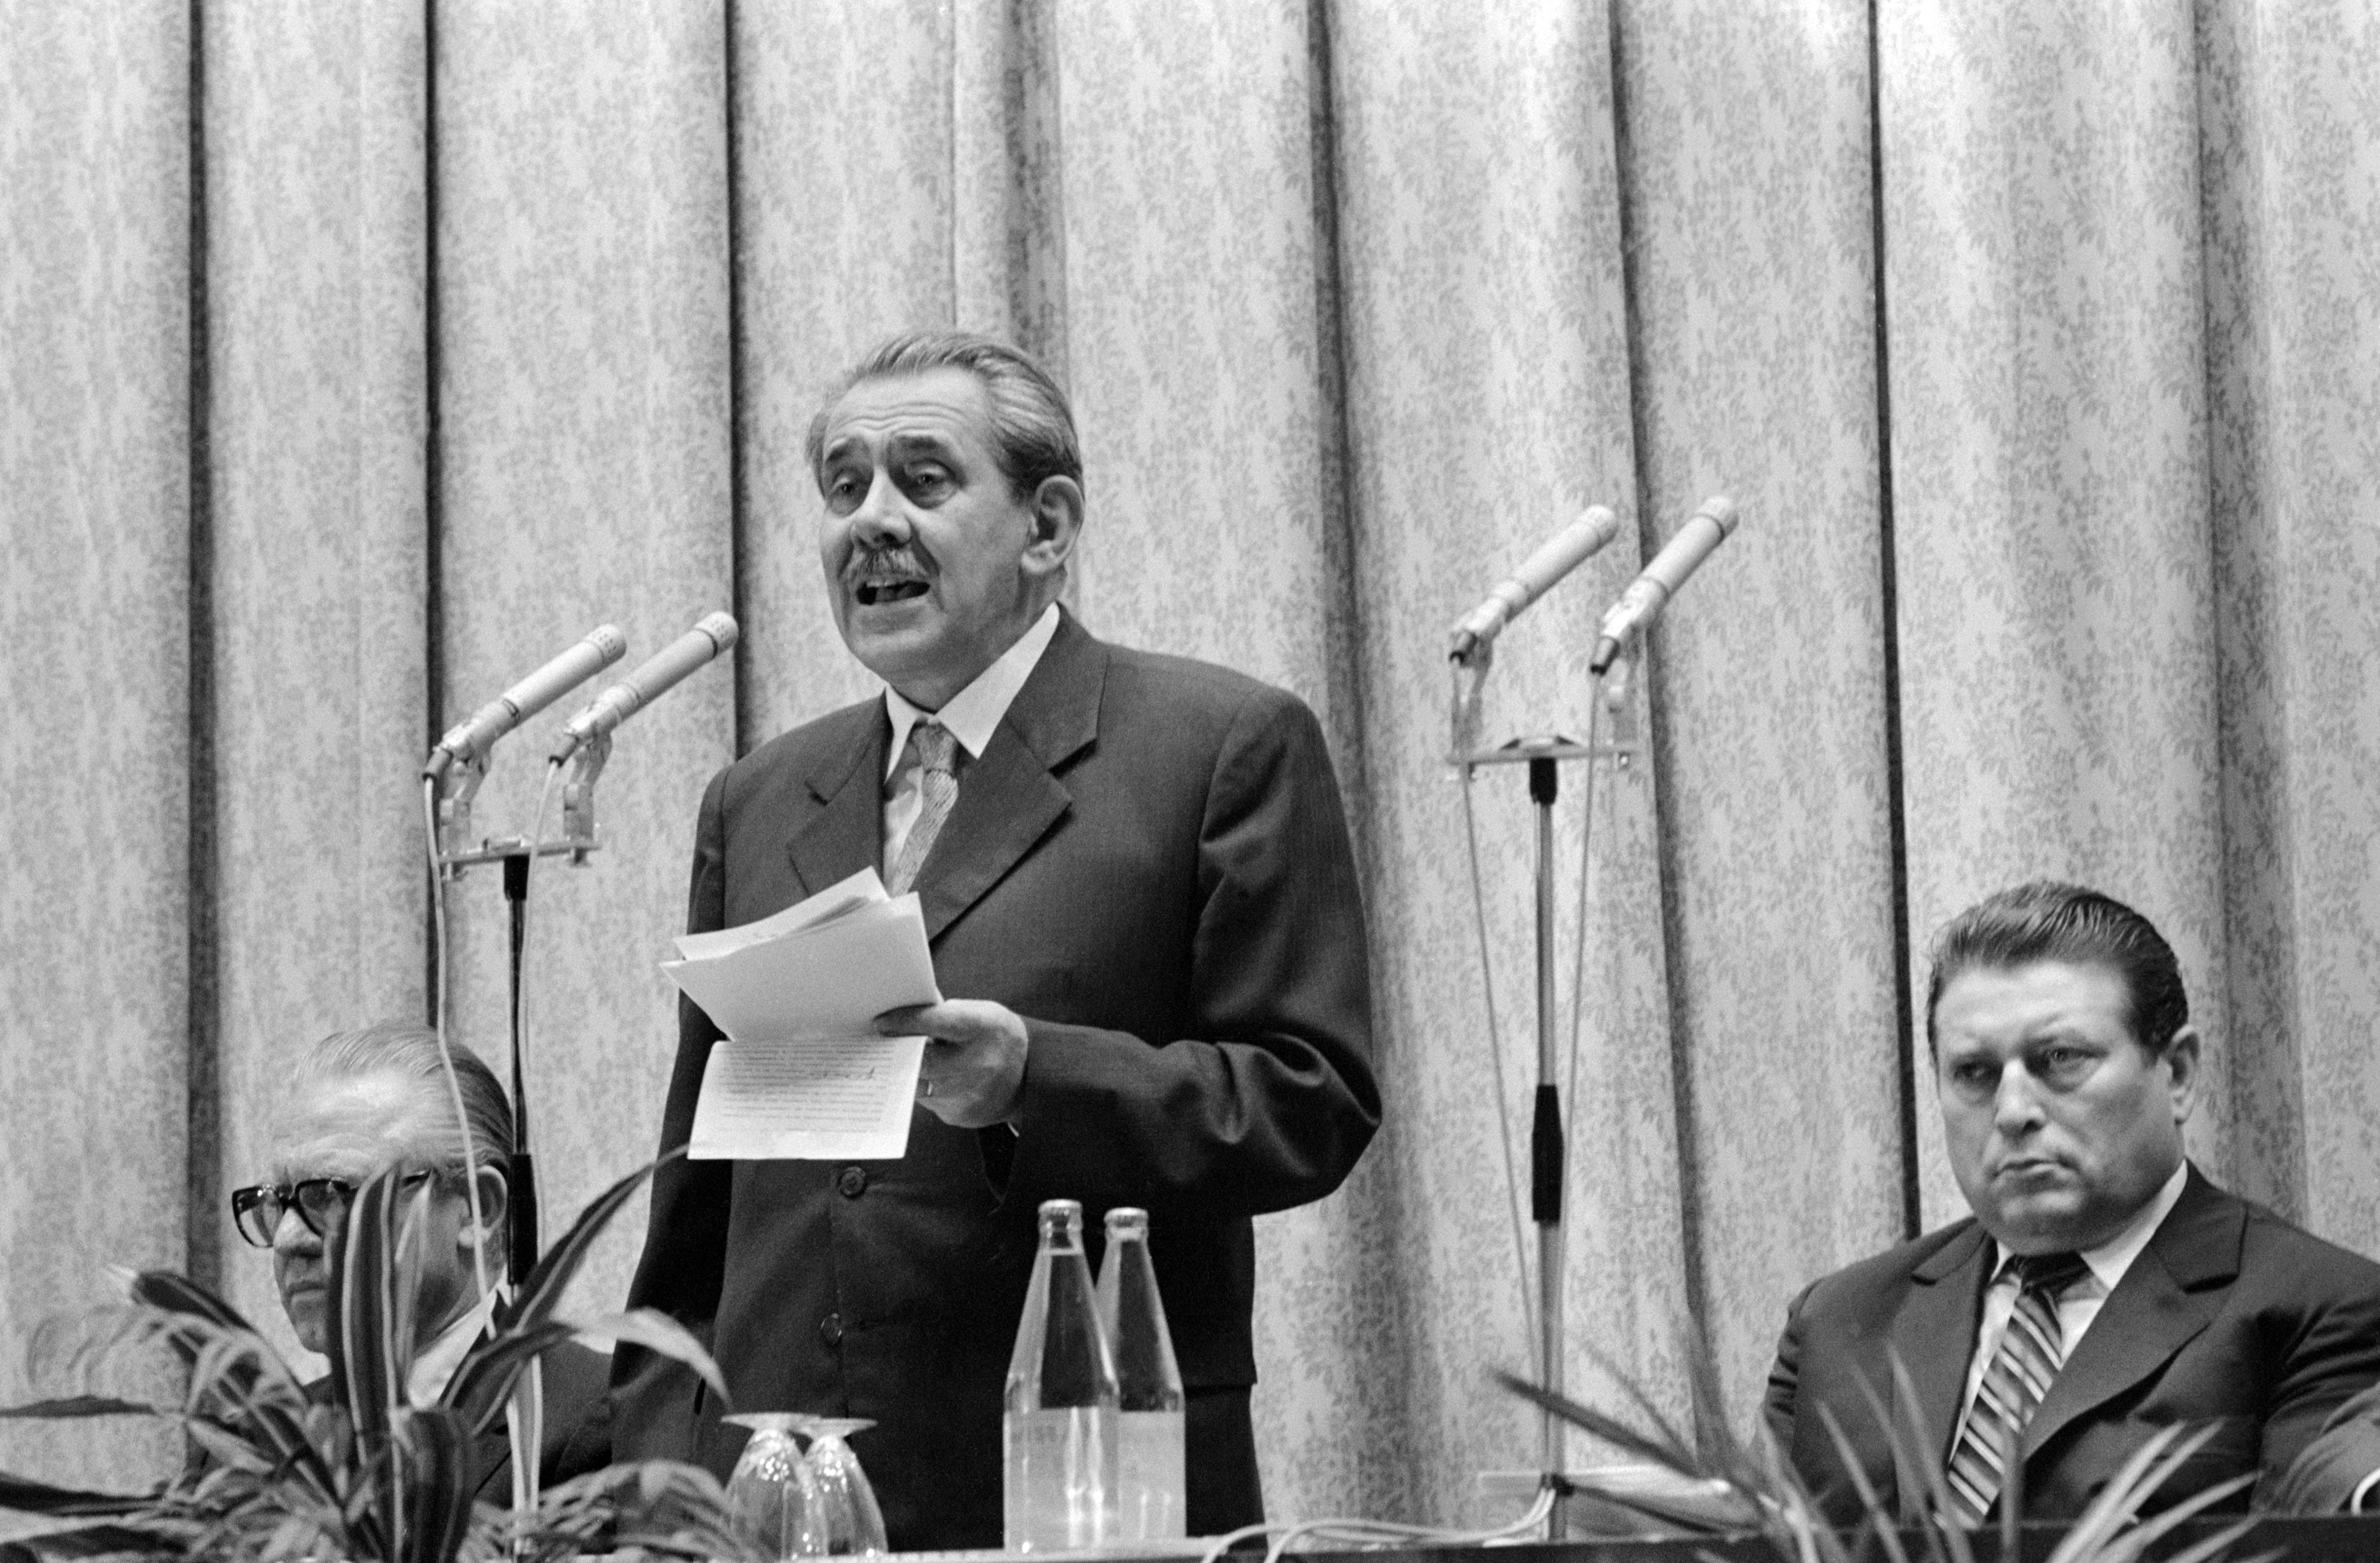 Aczél György szónokol, jobbra tőle Lakatos Ernő / Fotó: MTI